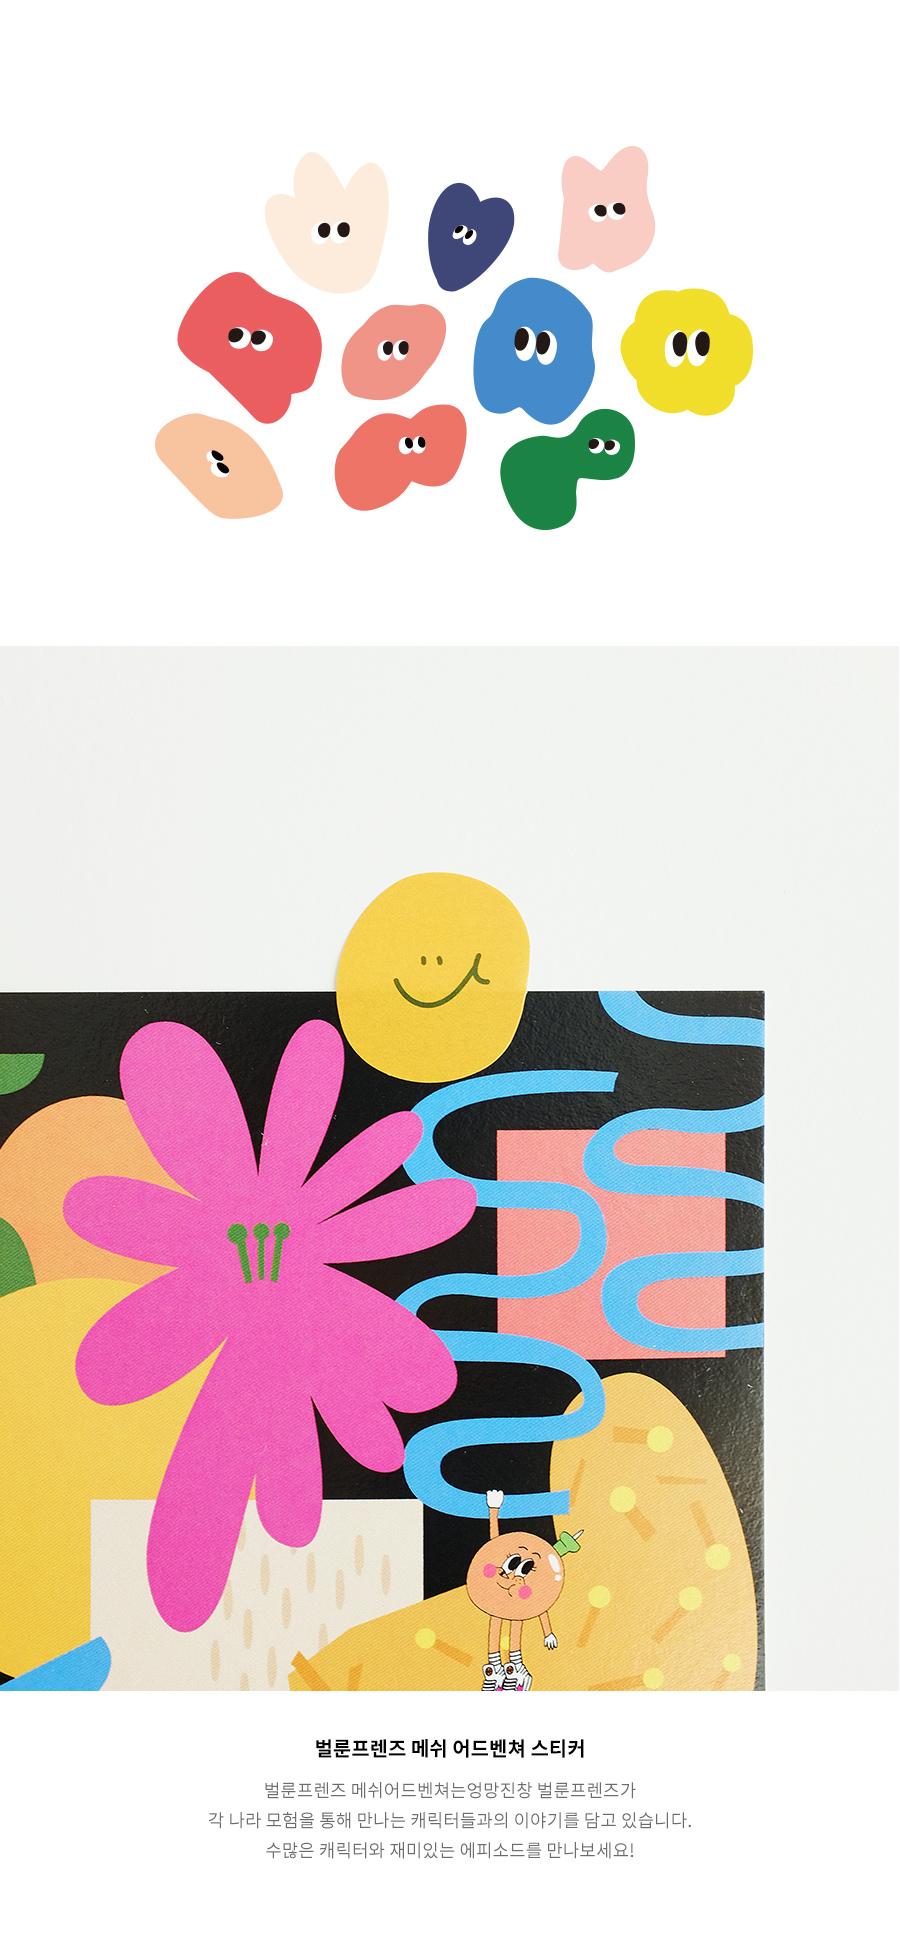 벌룬프렌즈 스마일리 패턴 SET (파우치,키링,스티커) - 벌룬프렌즈, 13,950원, 스티커, 스티커 세트/스티커 팩